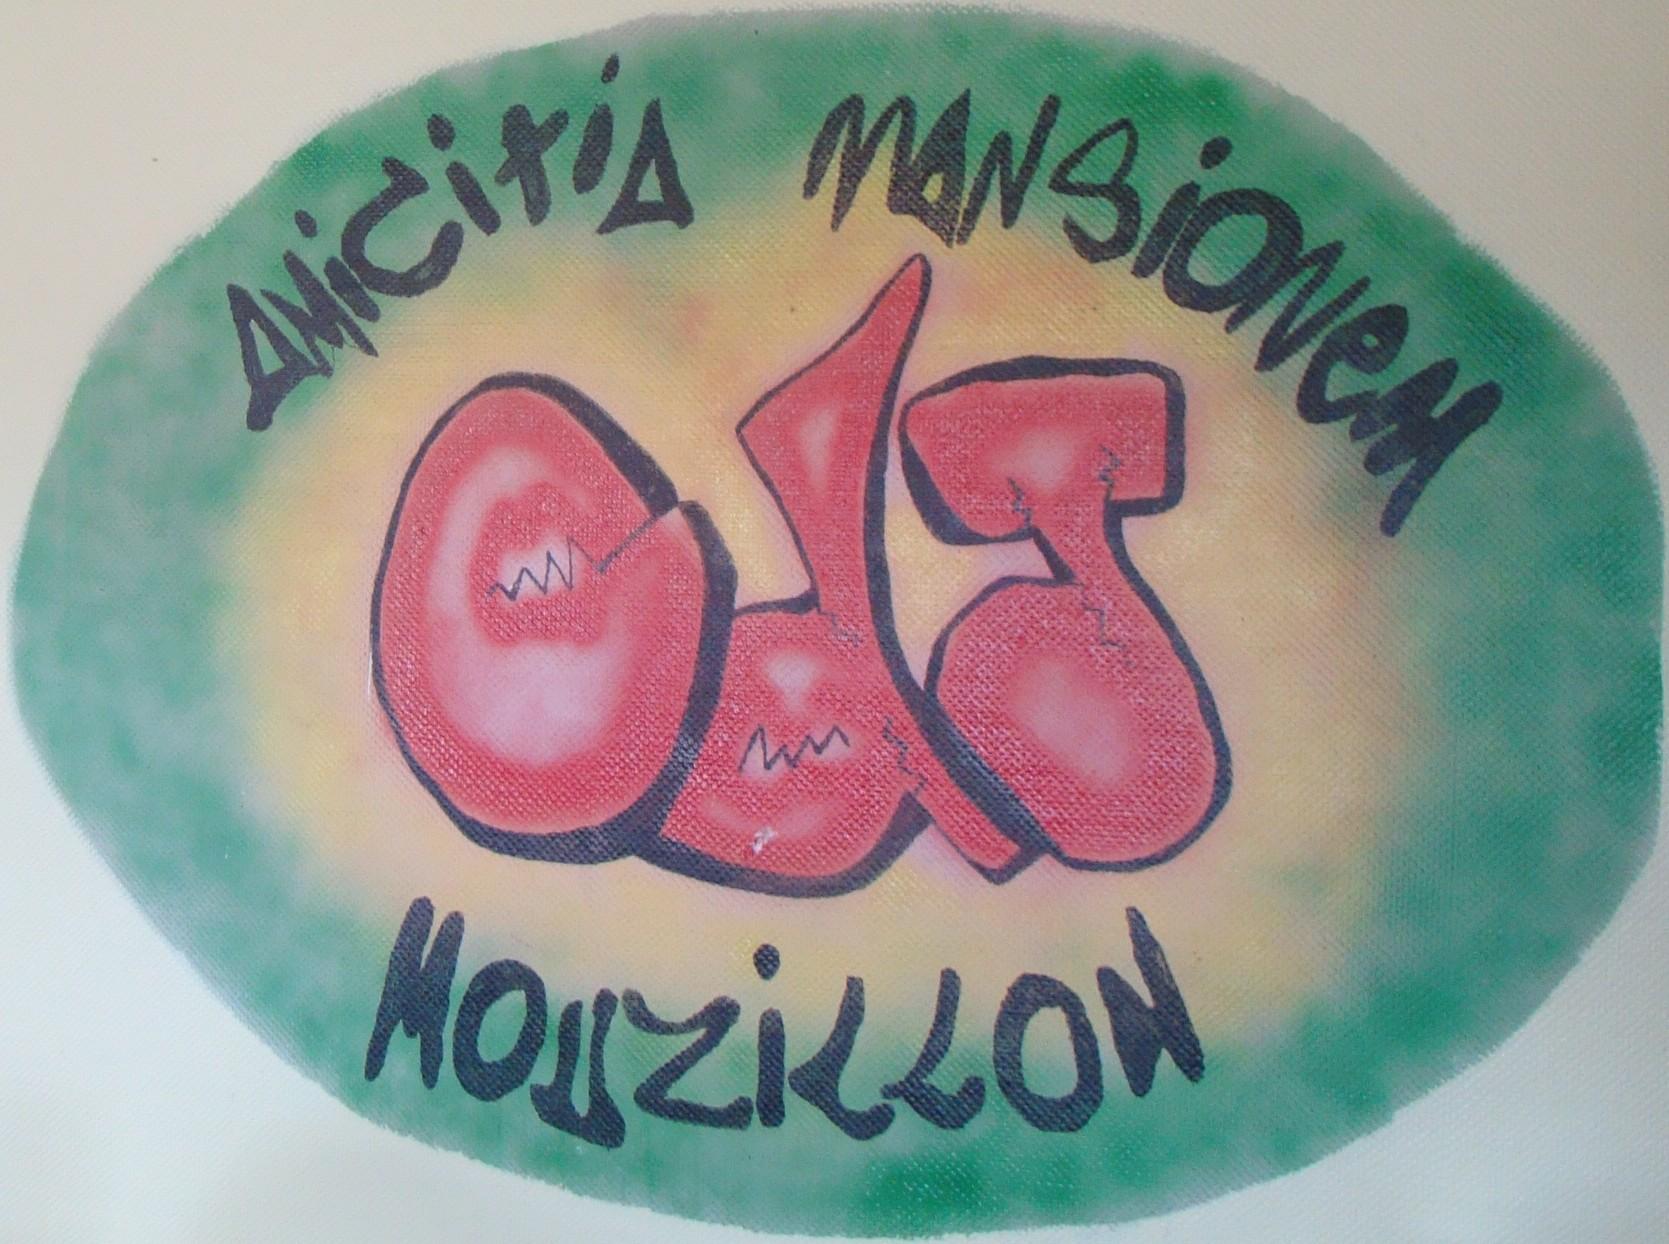 Amicitia Mansionem